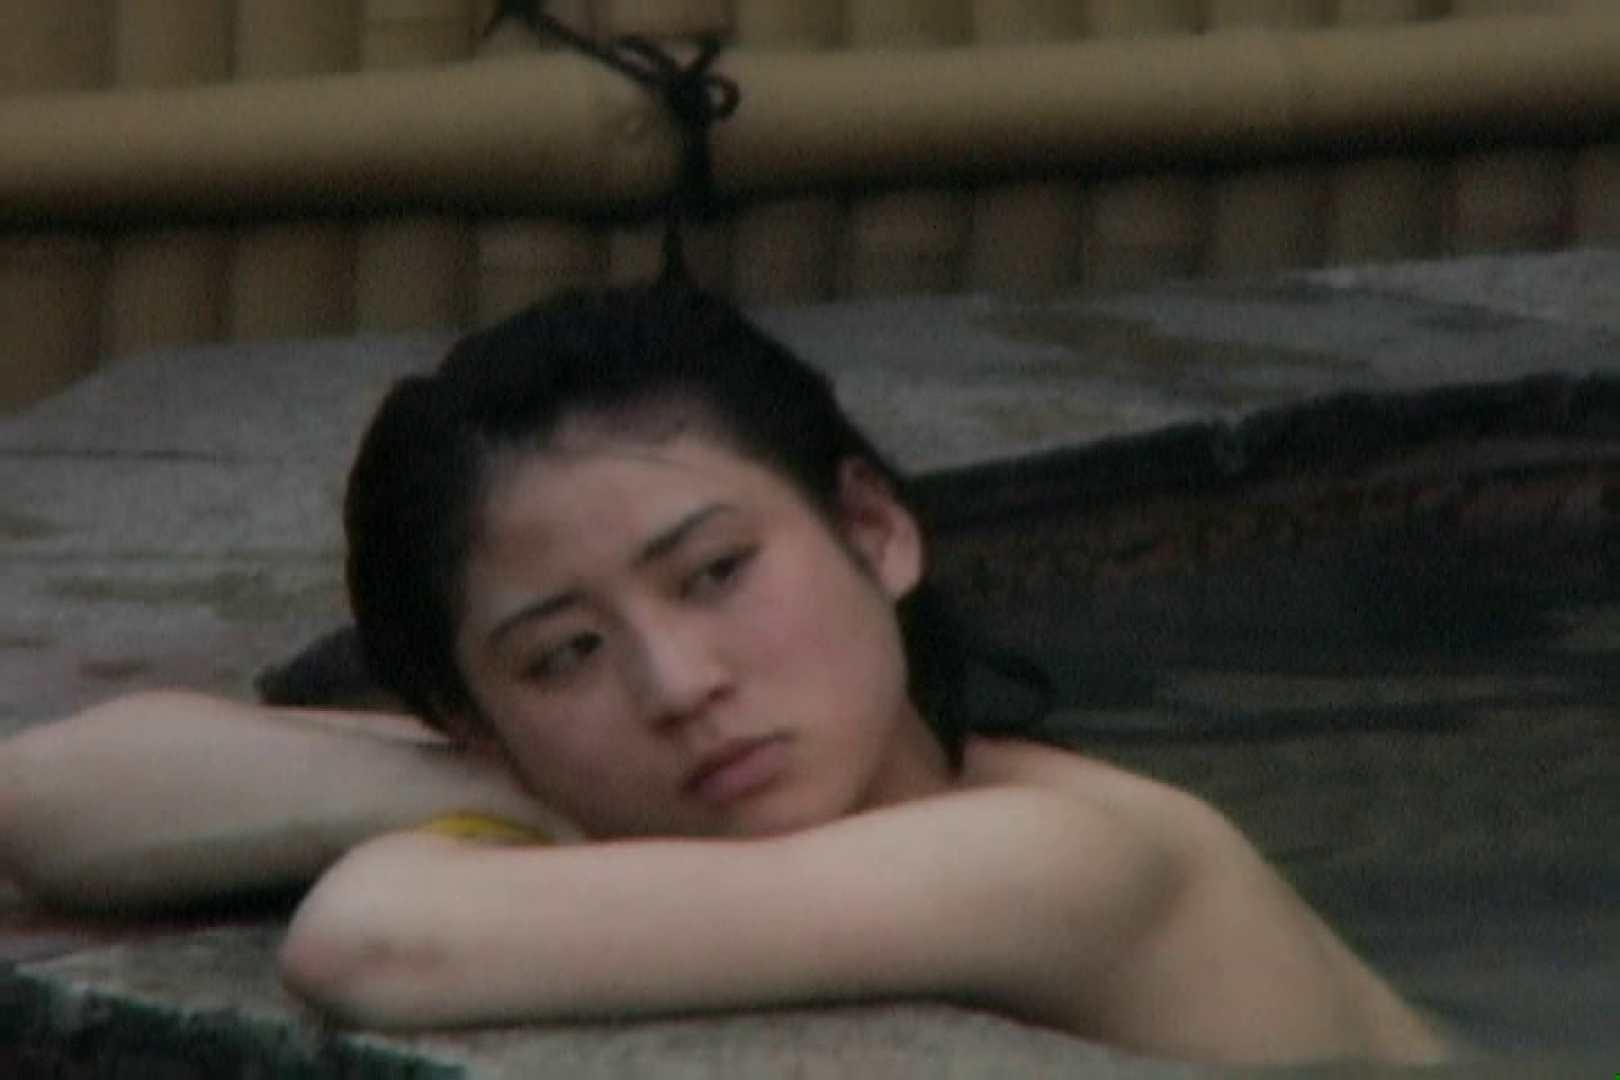 高画質露天女風呂観察 vol.004 入浴 盗撮エロ画像 110画像 103